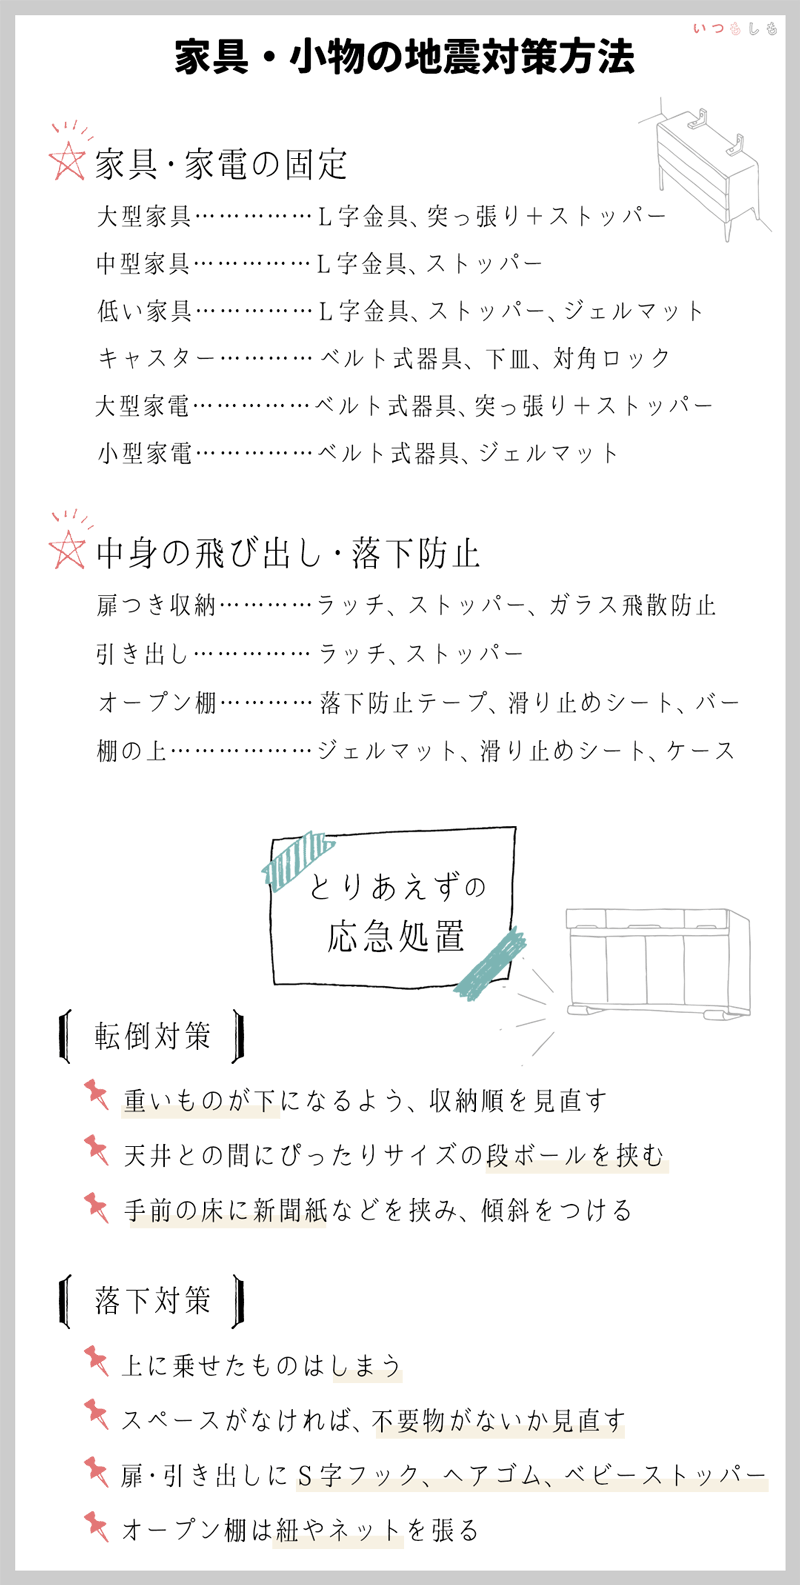 室内の地震対策実践編